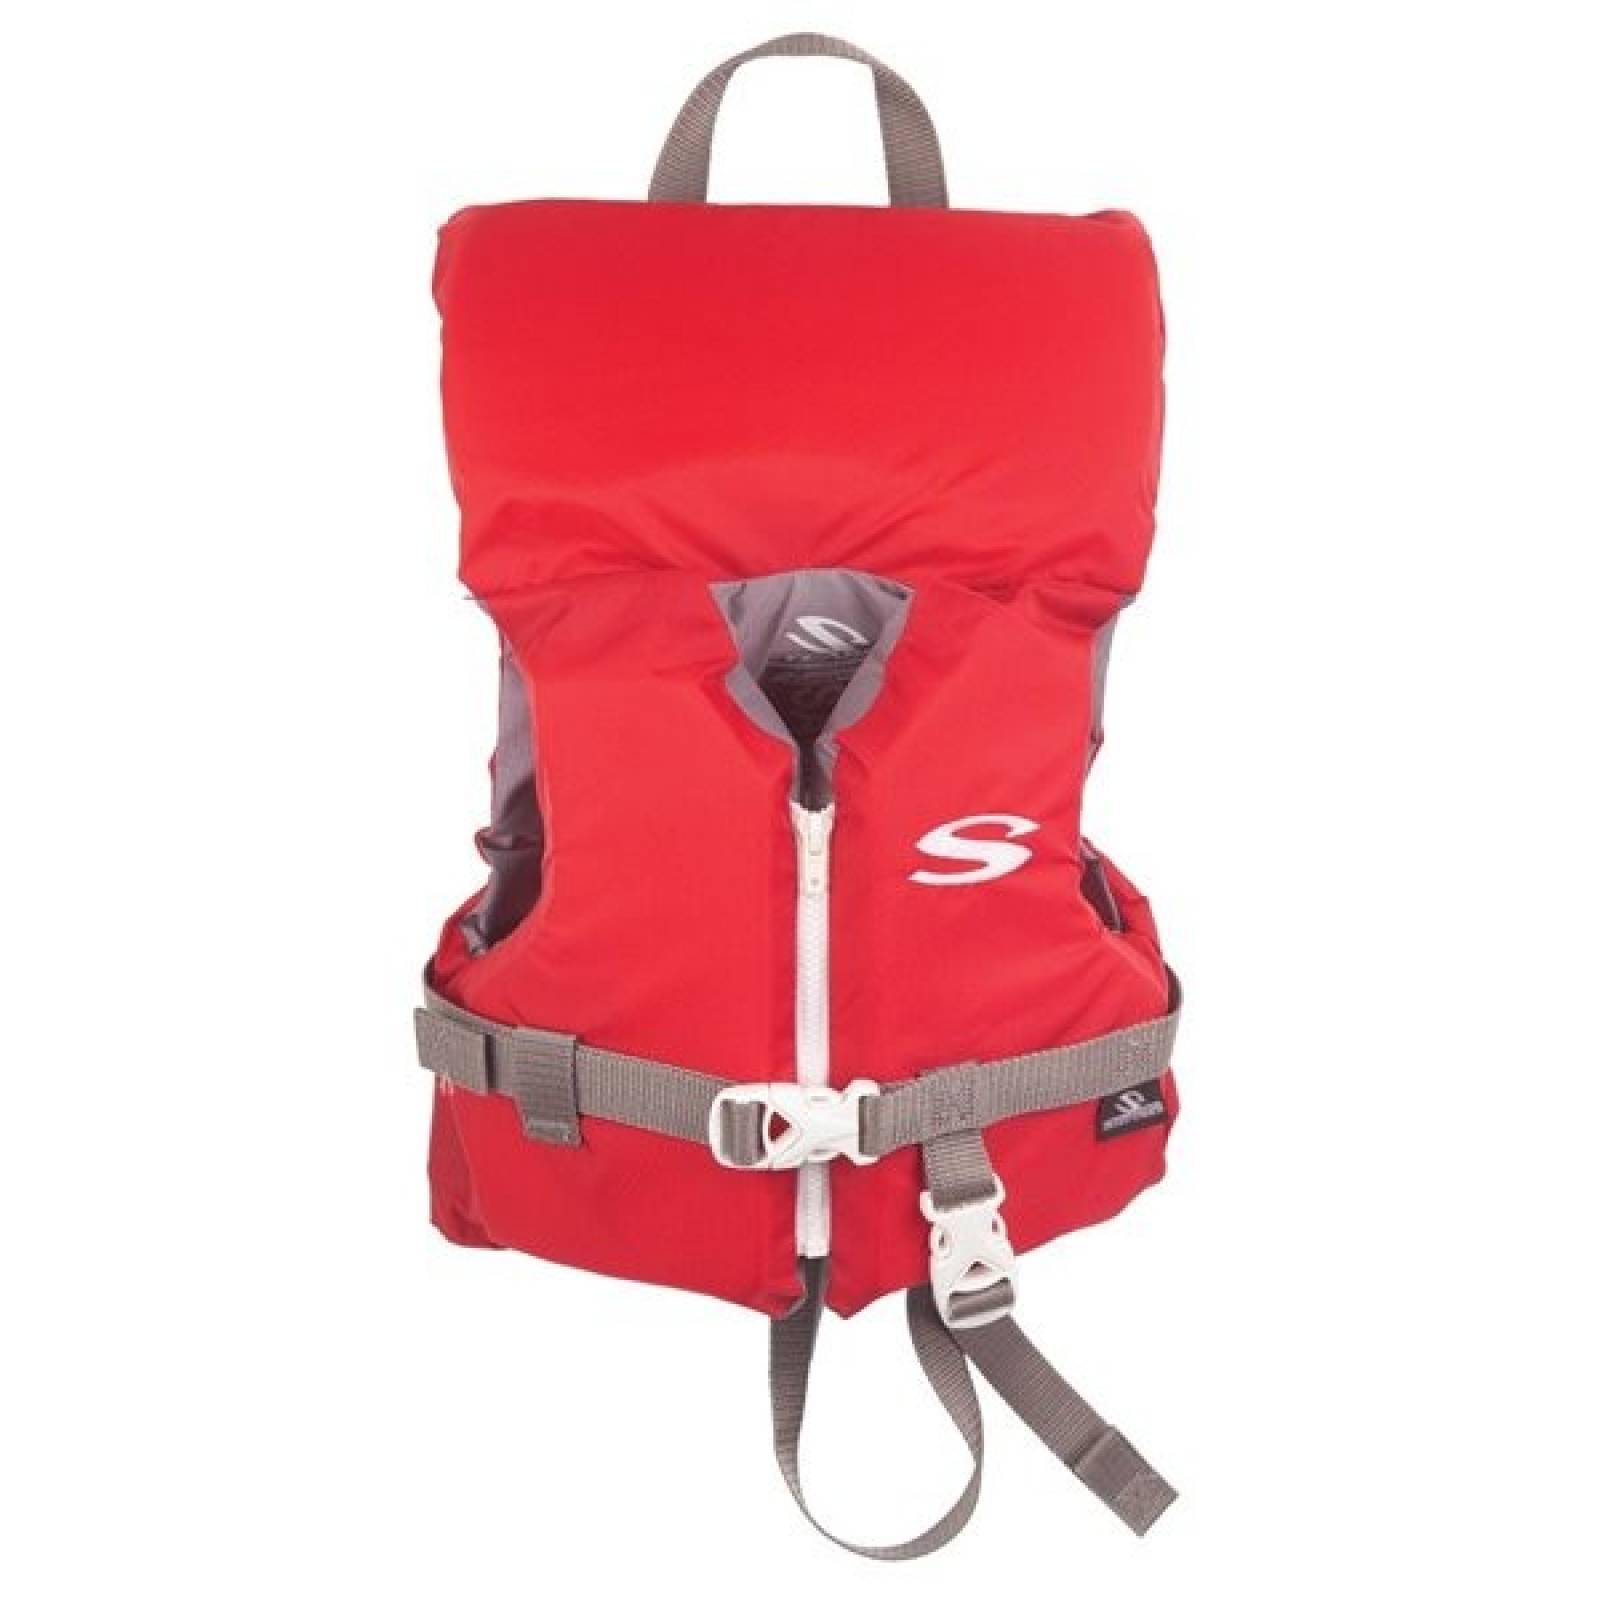 Chaleco Salvavidas Rojo Para Niños 2000004167 Stearns Coleman